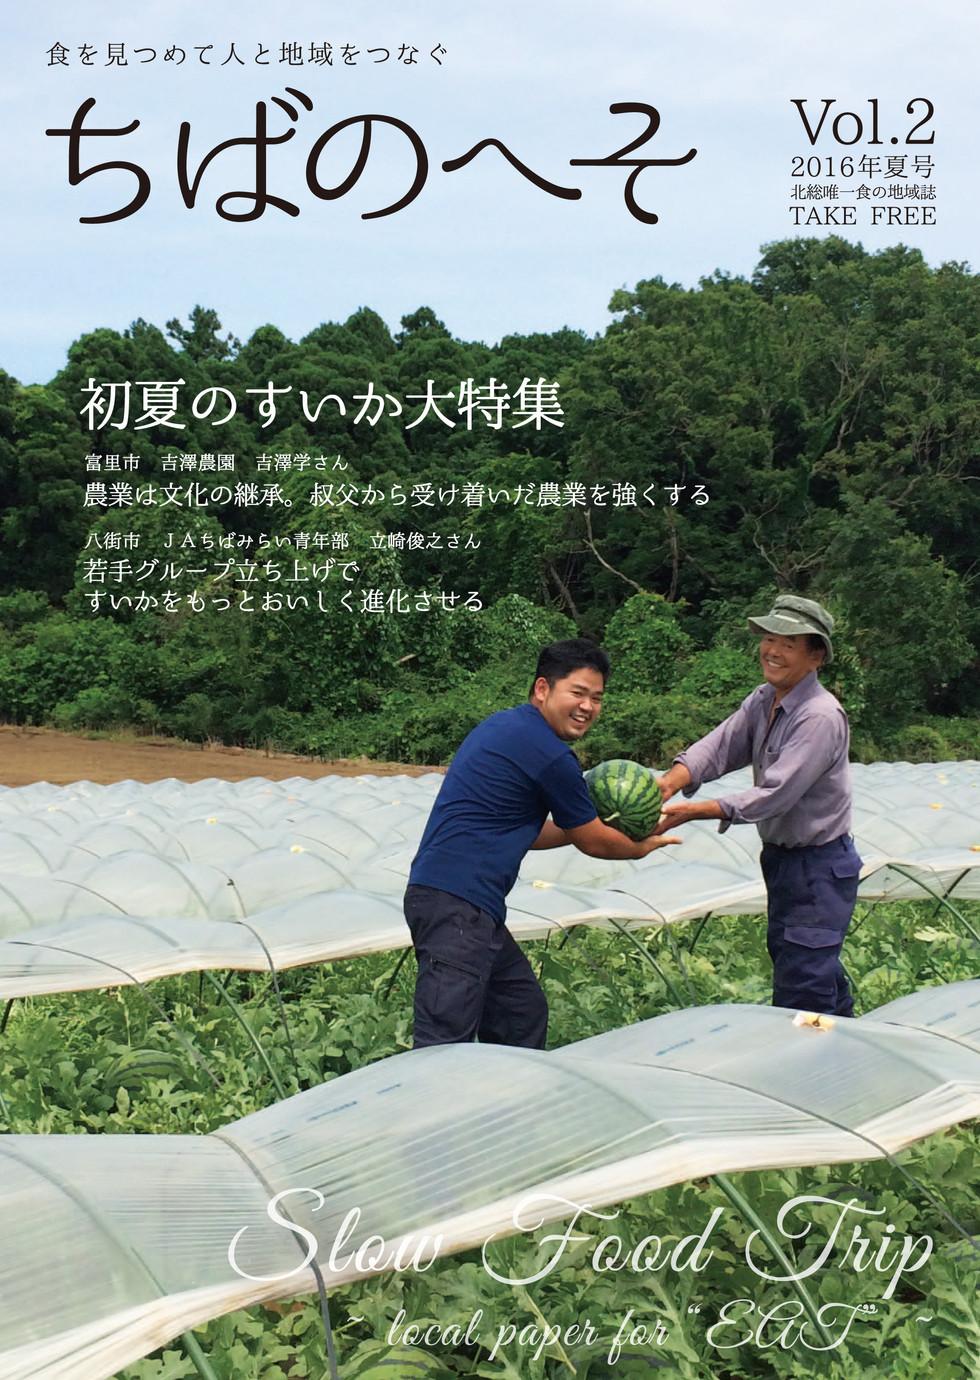 すいか号 Vol.2